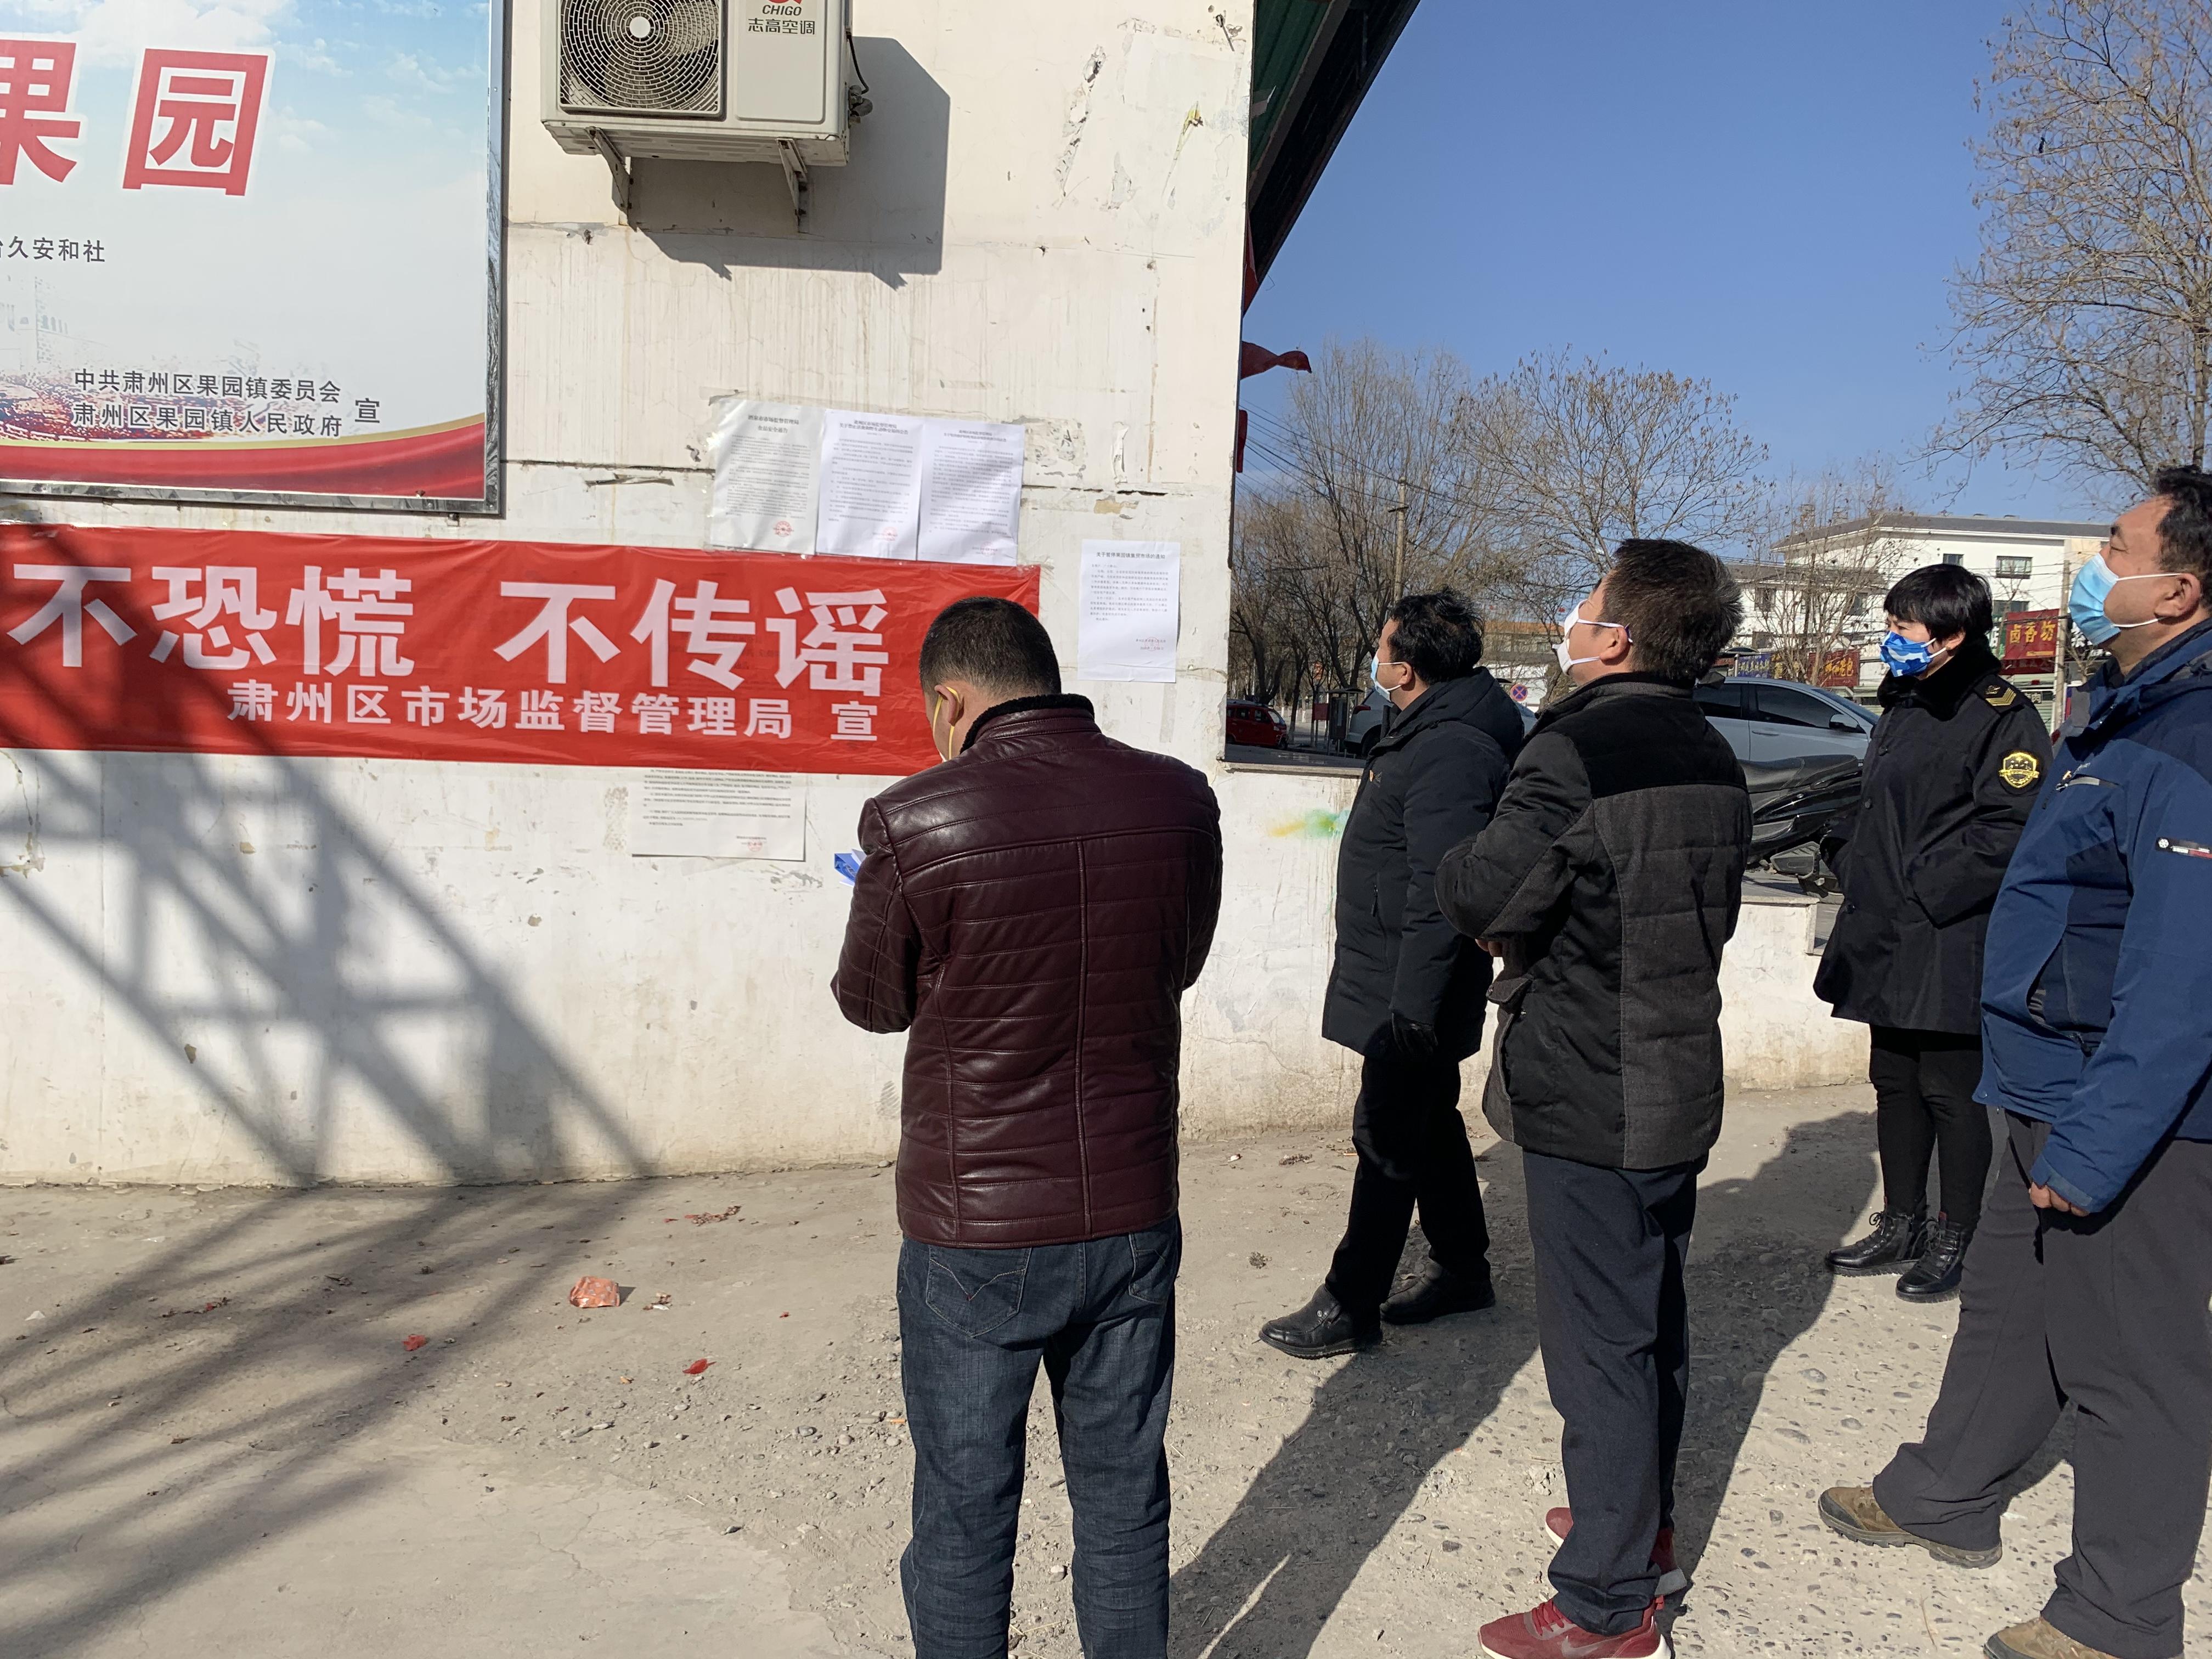 暂时关闭乡镇集贸市场   有效阻击肺炎疫情蔓延